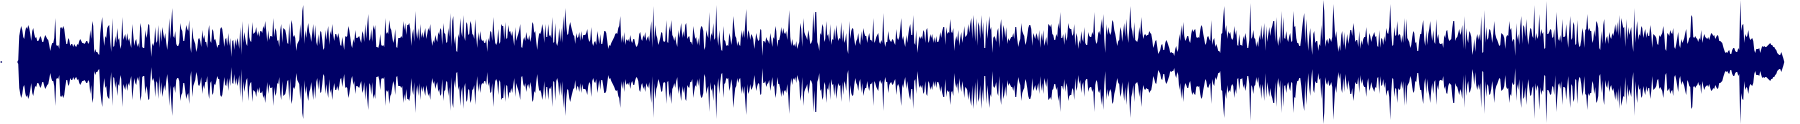 waveform of track #66201